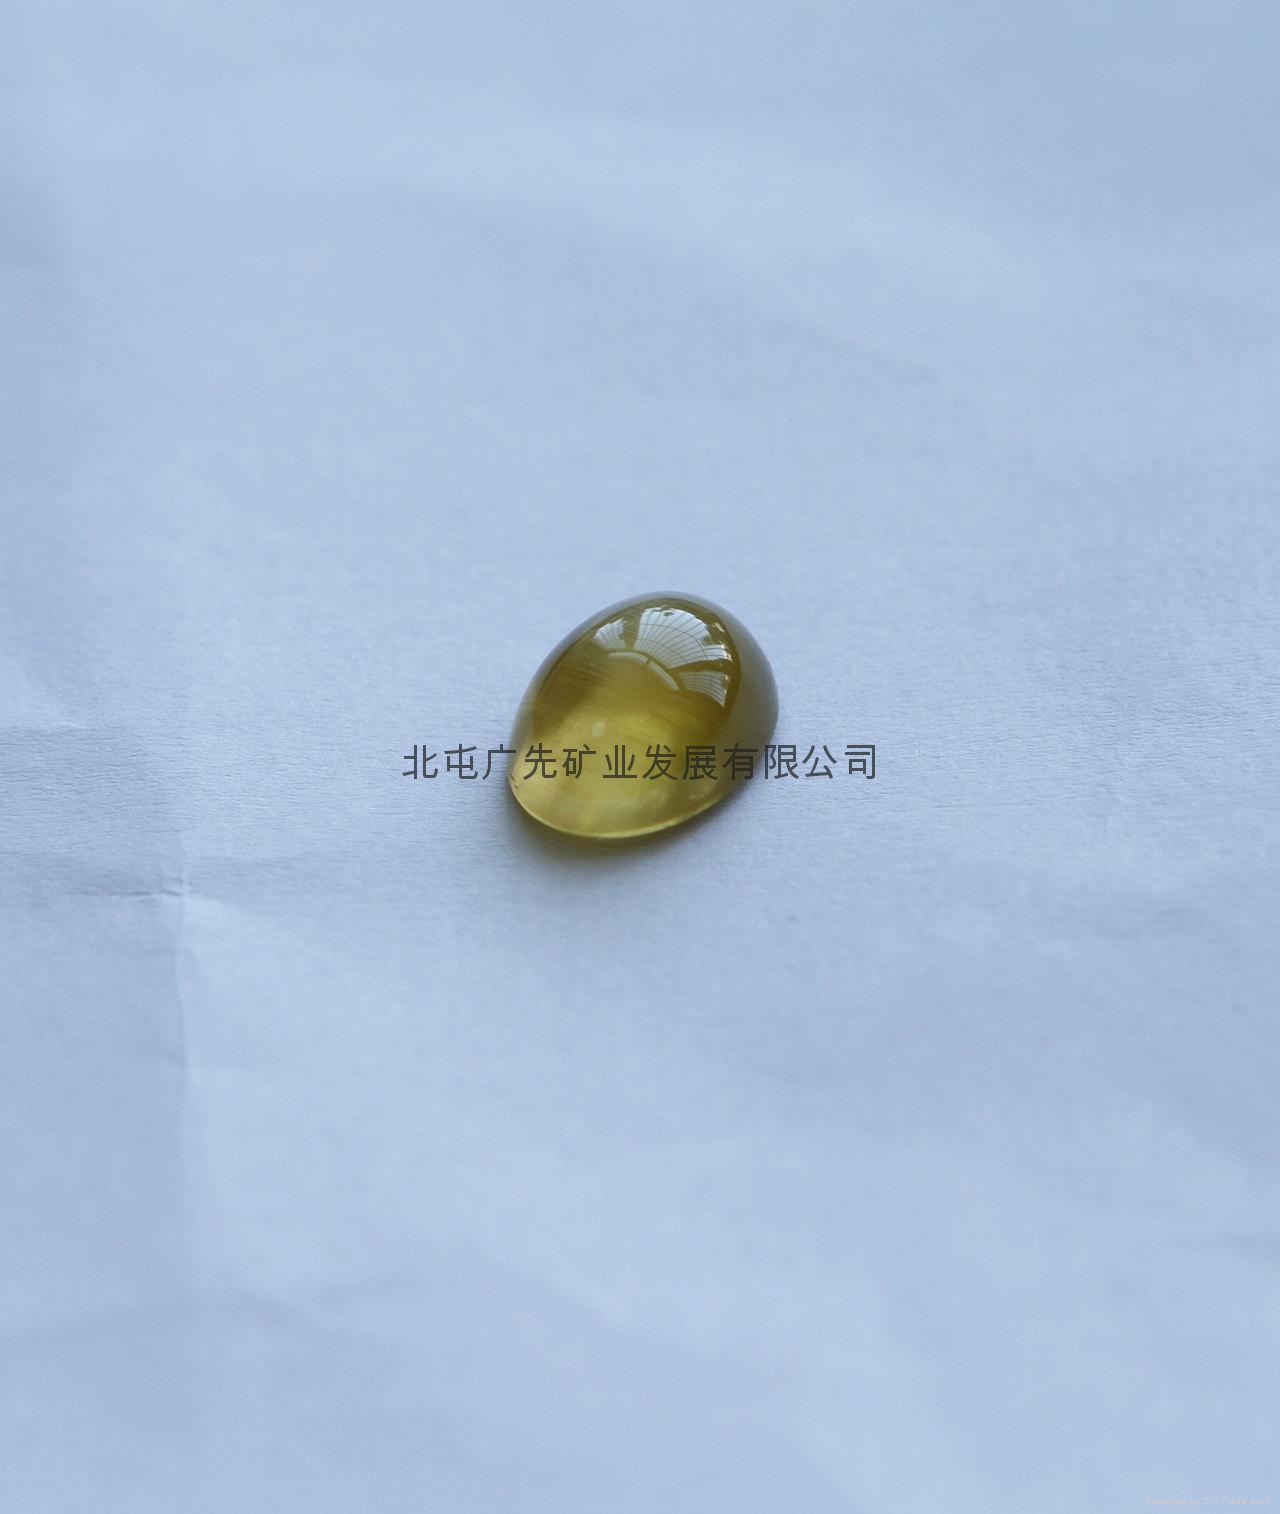 新疆阿勒泰产优质黄色海蓝宝石猫眼(七夕大优惠) 2